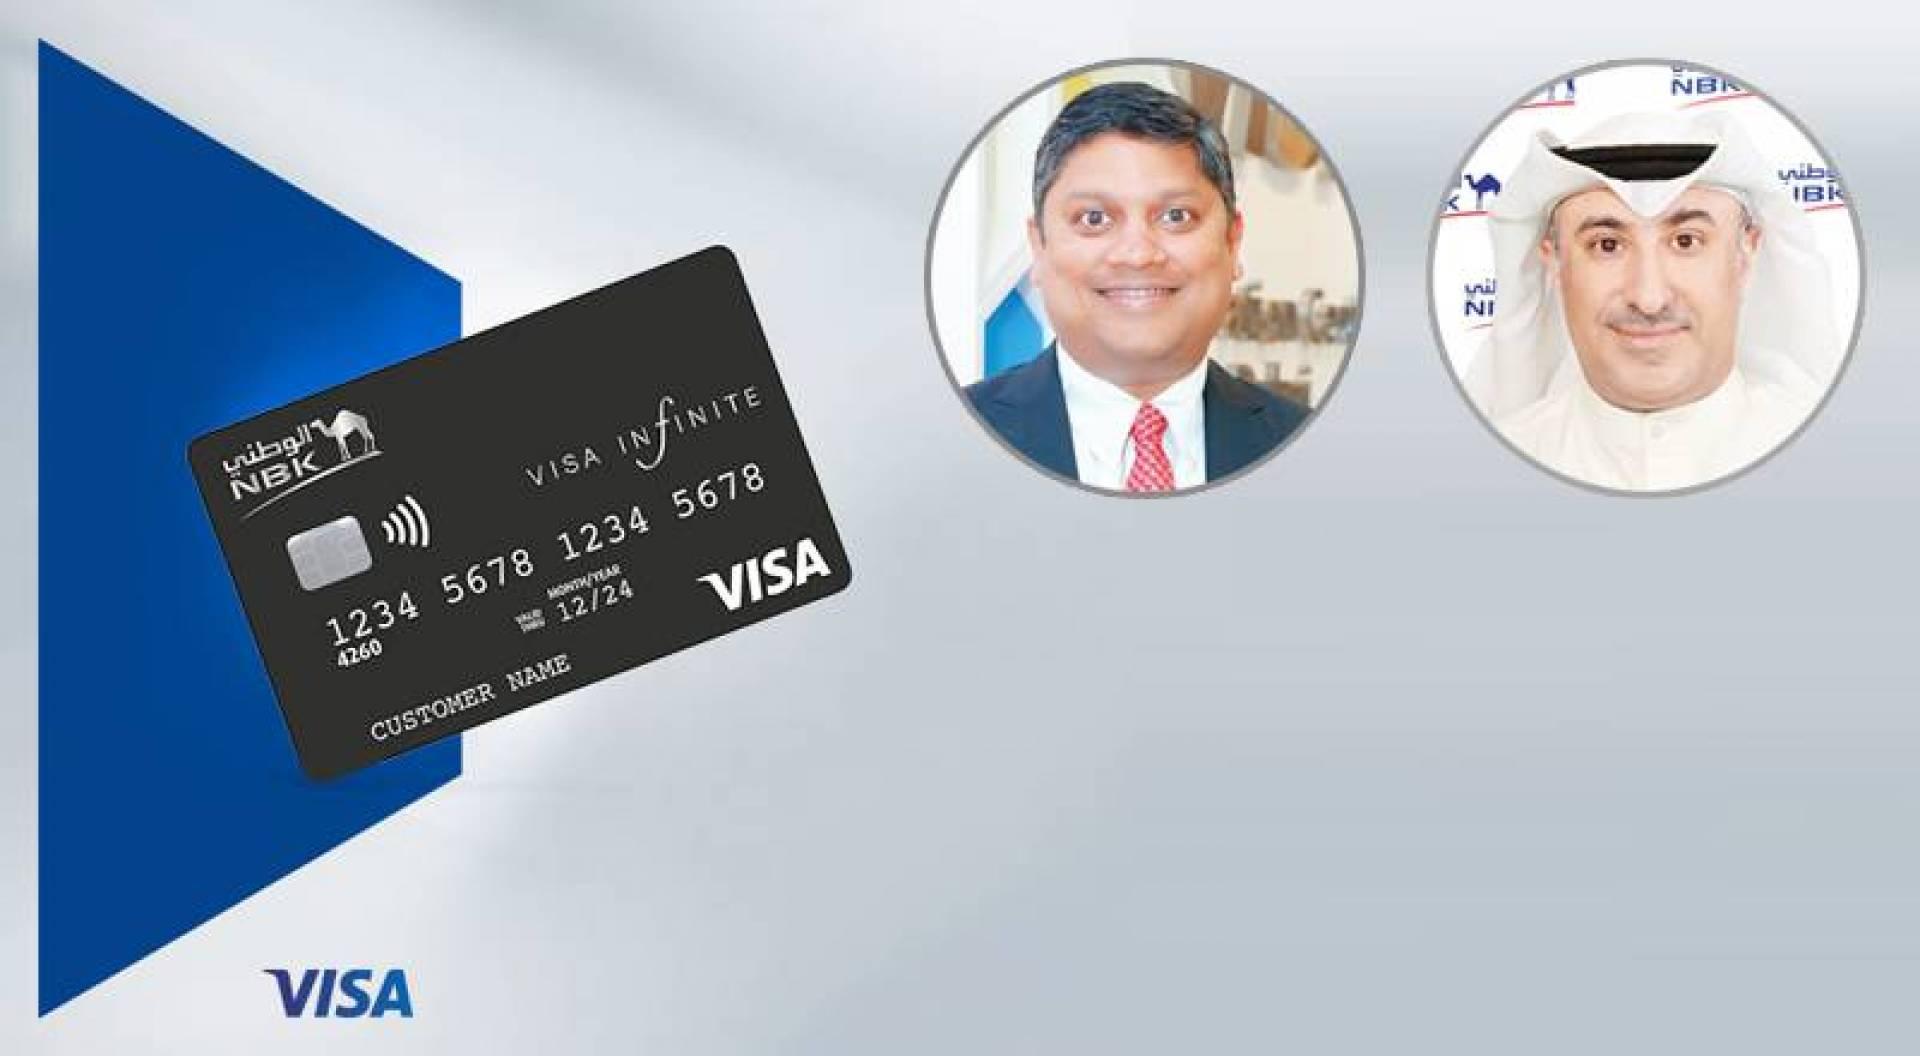 هشام النصف - أنكوش ديفاداسون - بطاقة Visa Infinite الائتمانية الجديدة